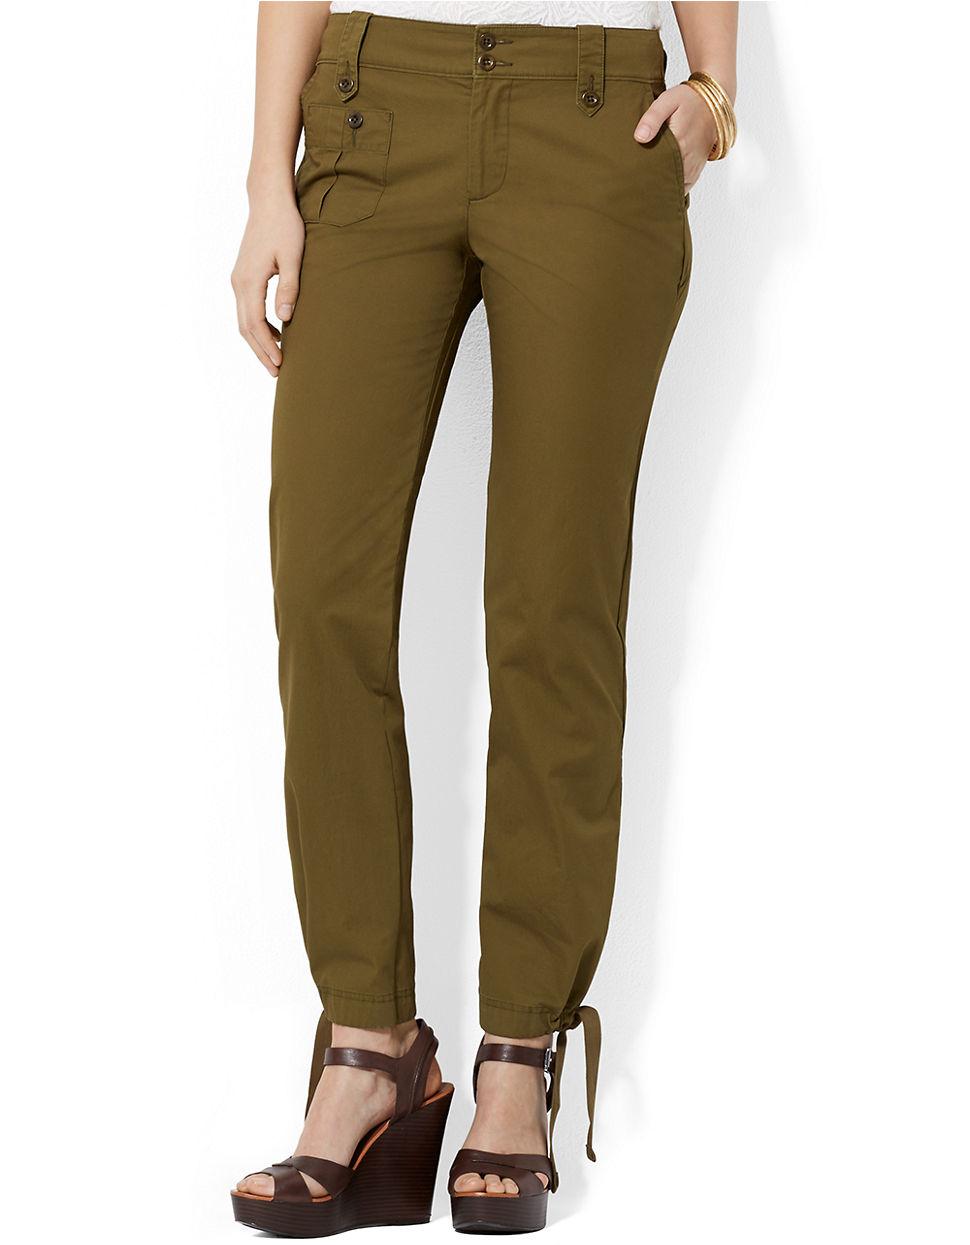 Excellent  ScrubZone Womens Four Pocket Petite Cargo Scrub Pants For 2399